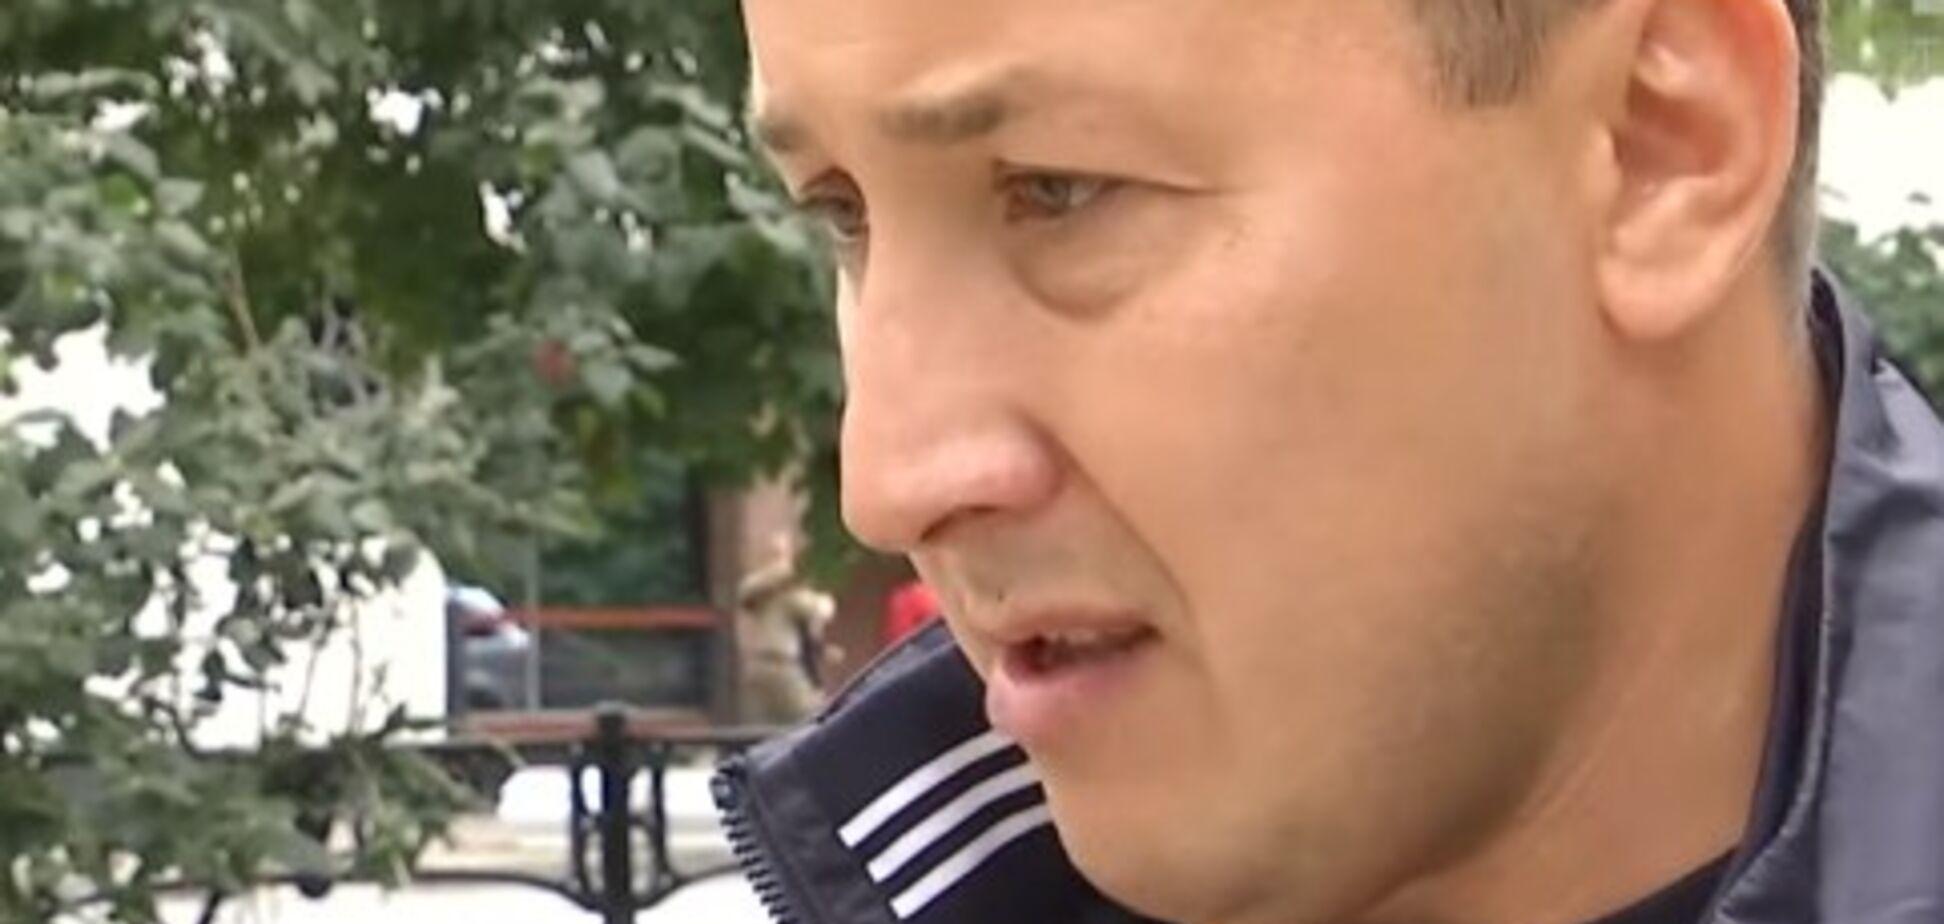 'Такого я ще не бачив': журналісти знайшли чоловіка, який врятував дитину з підірваного в Києві авто